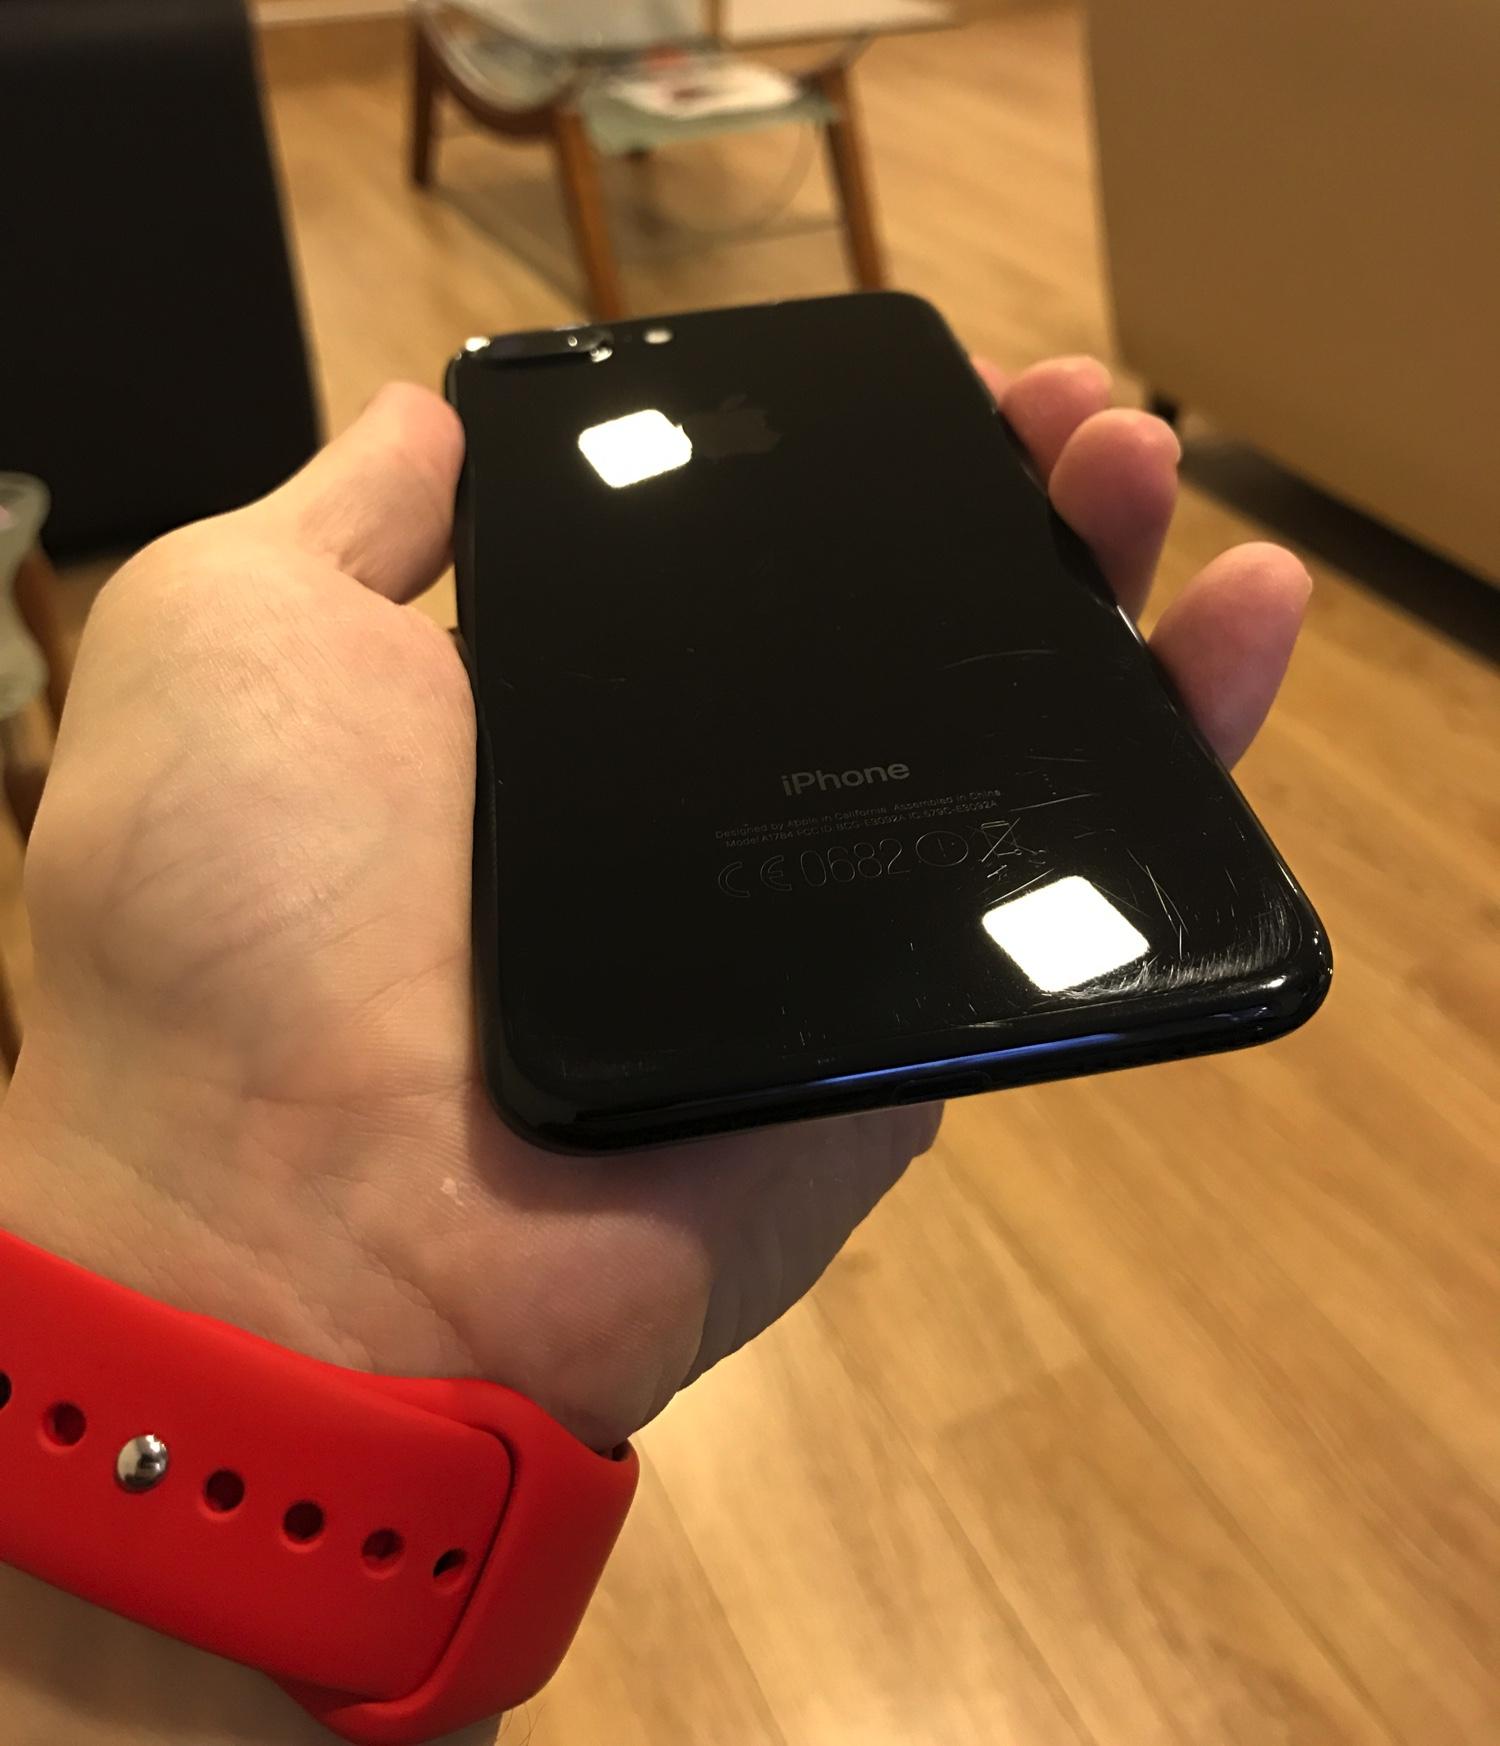 sihirli-elma-iphone-7-plus-degerlendirme-2b.jpg